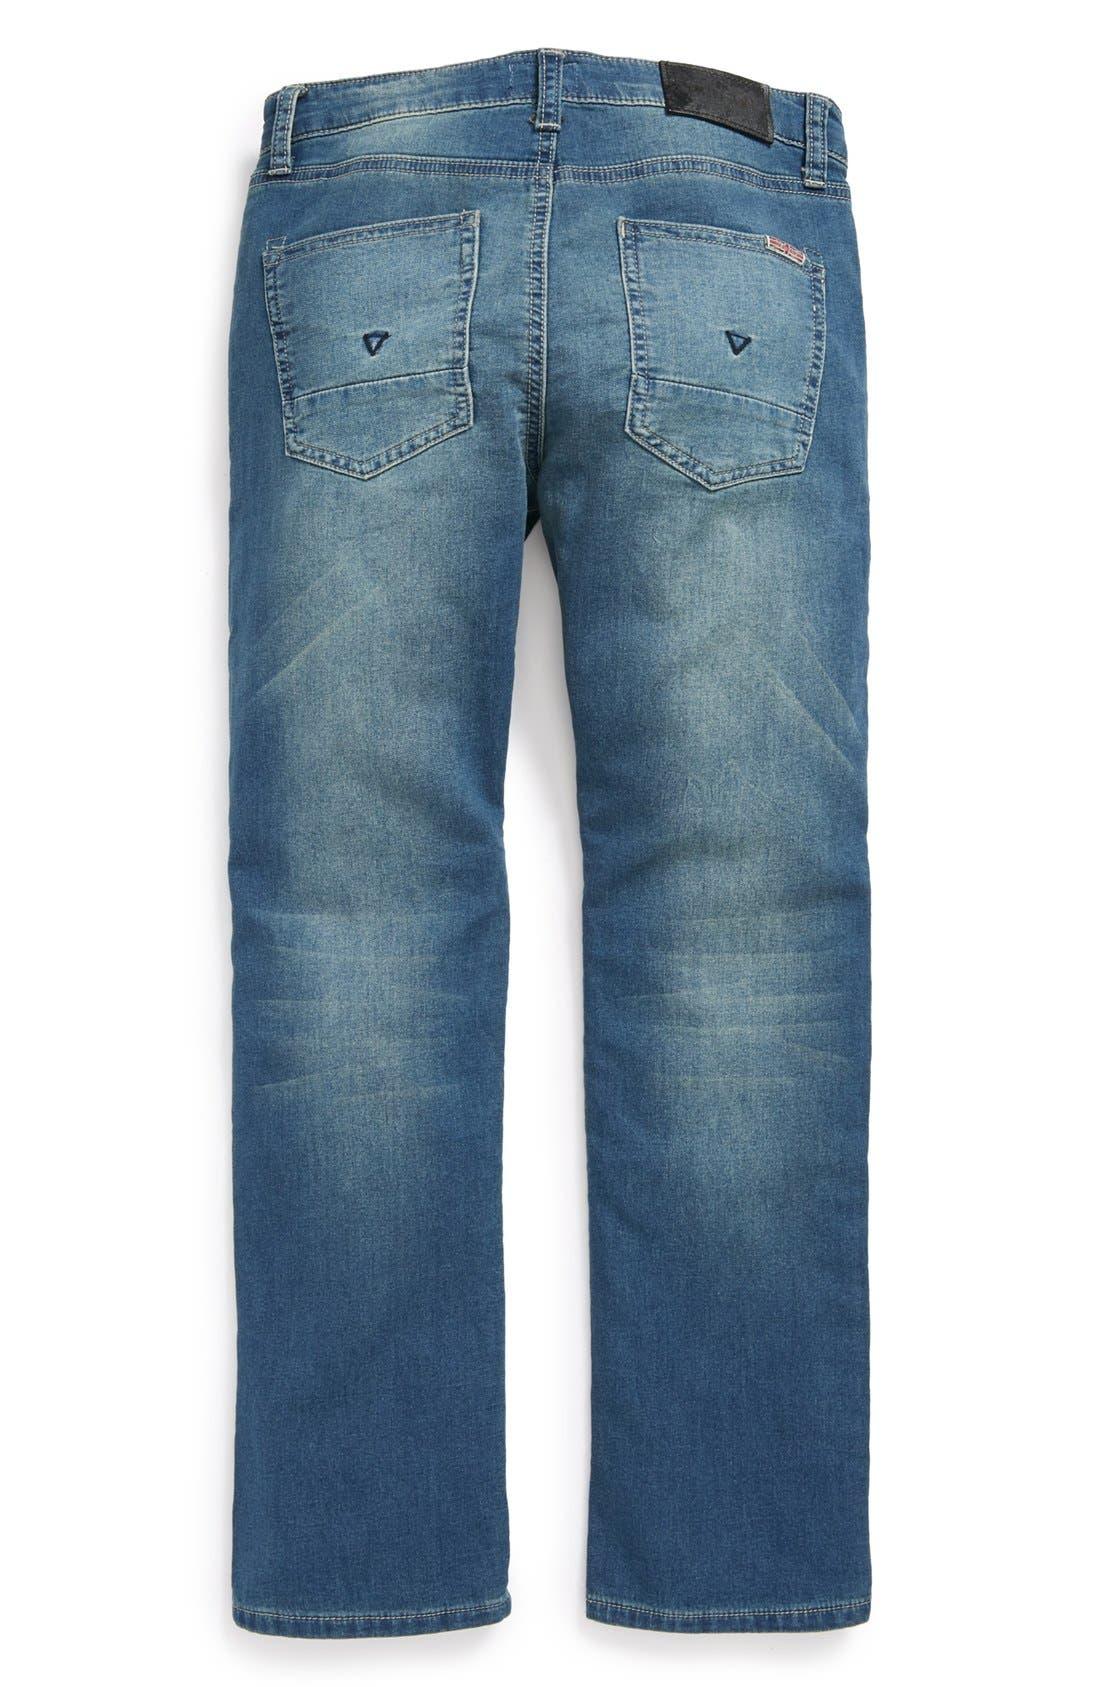 Alternate Image 1 Selected - Hudson Kids 'Parker' Straight Leg Jeans (Little Boys)